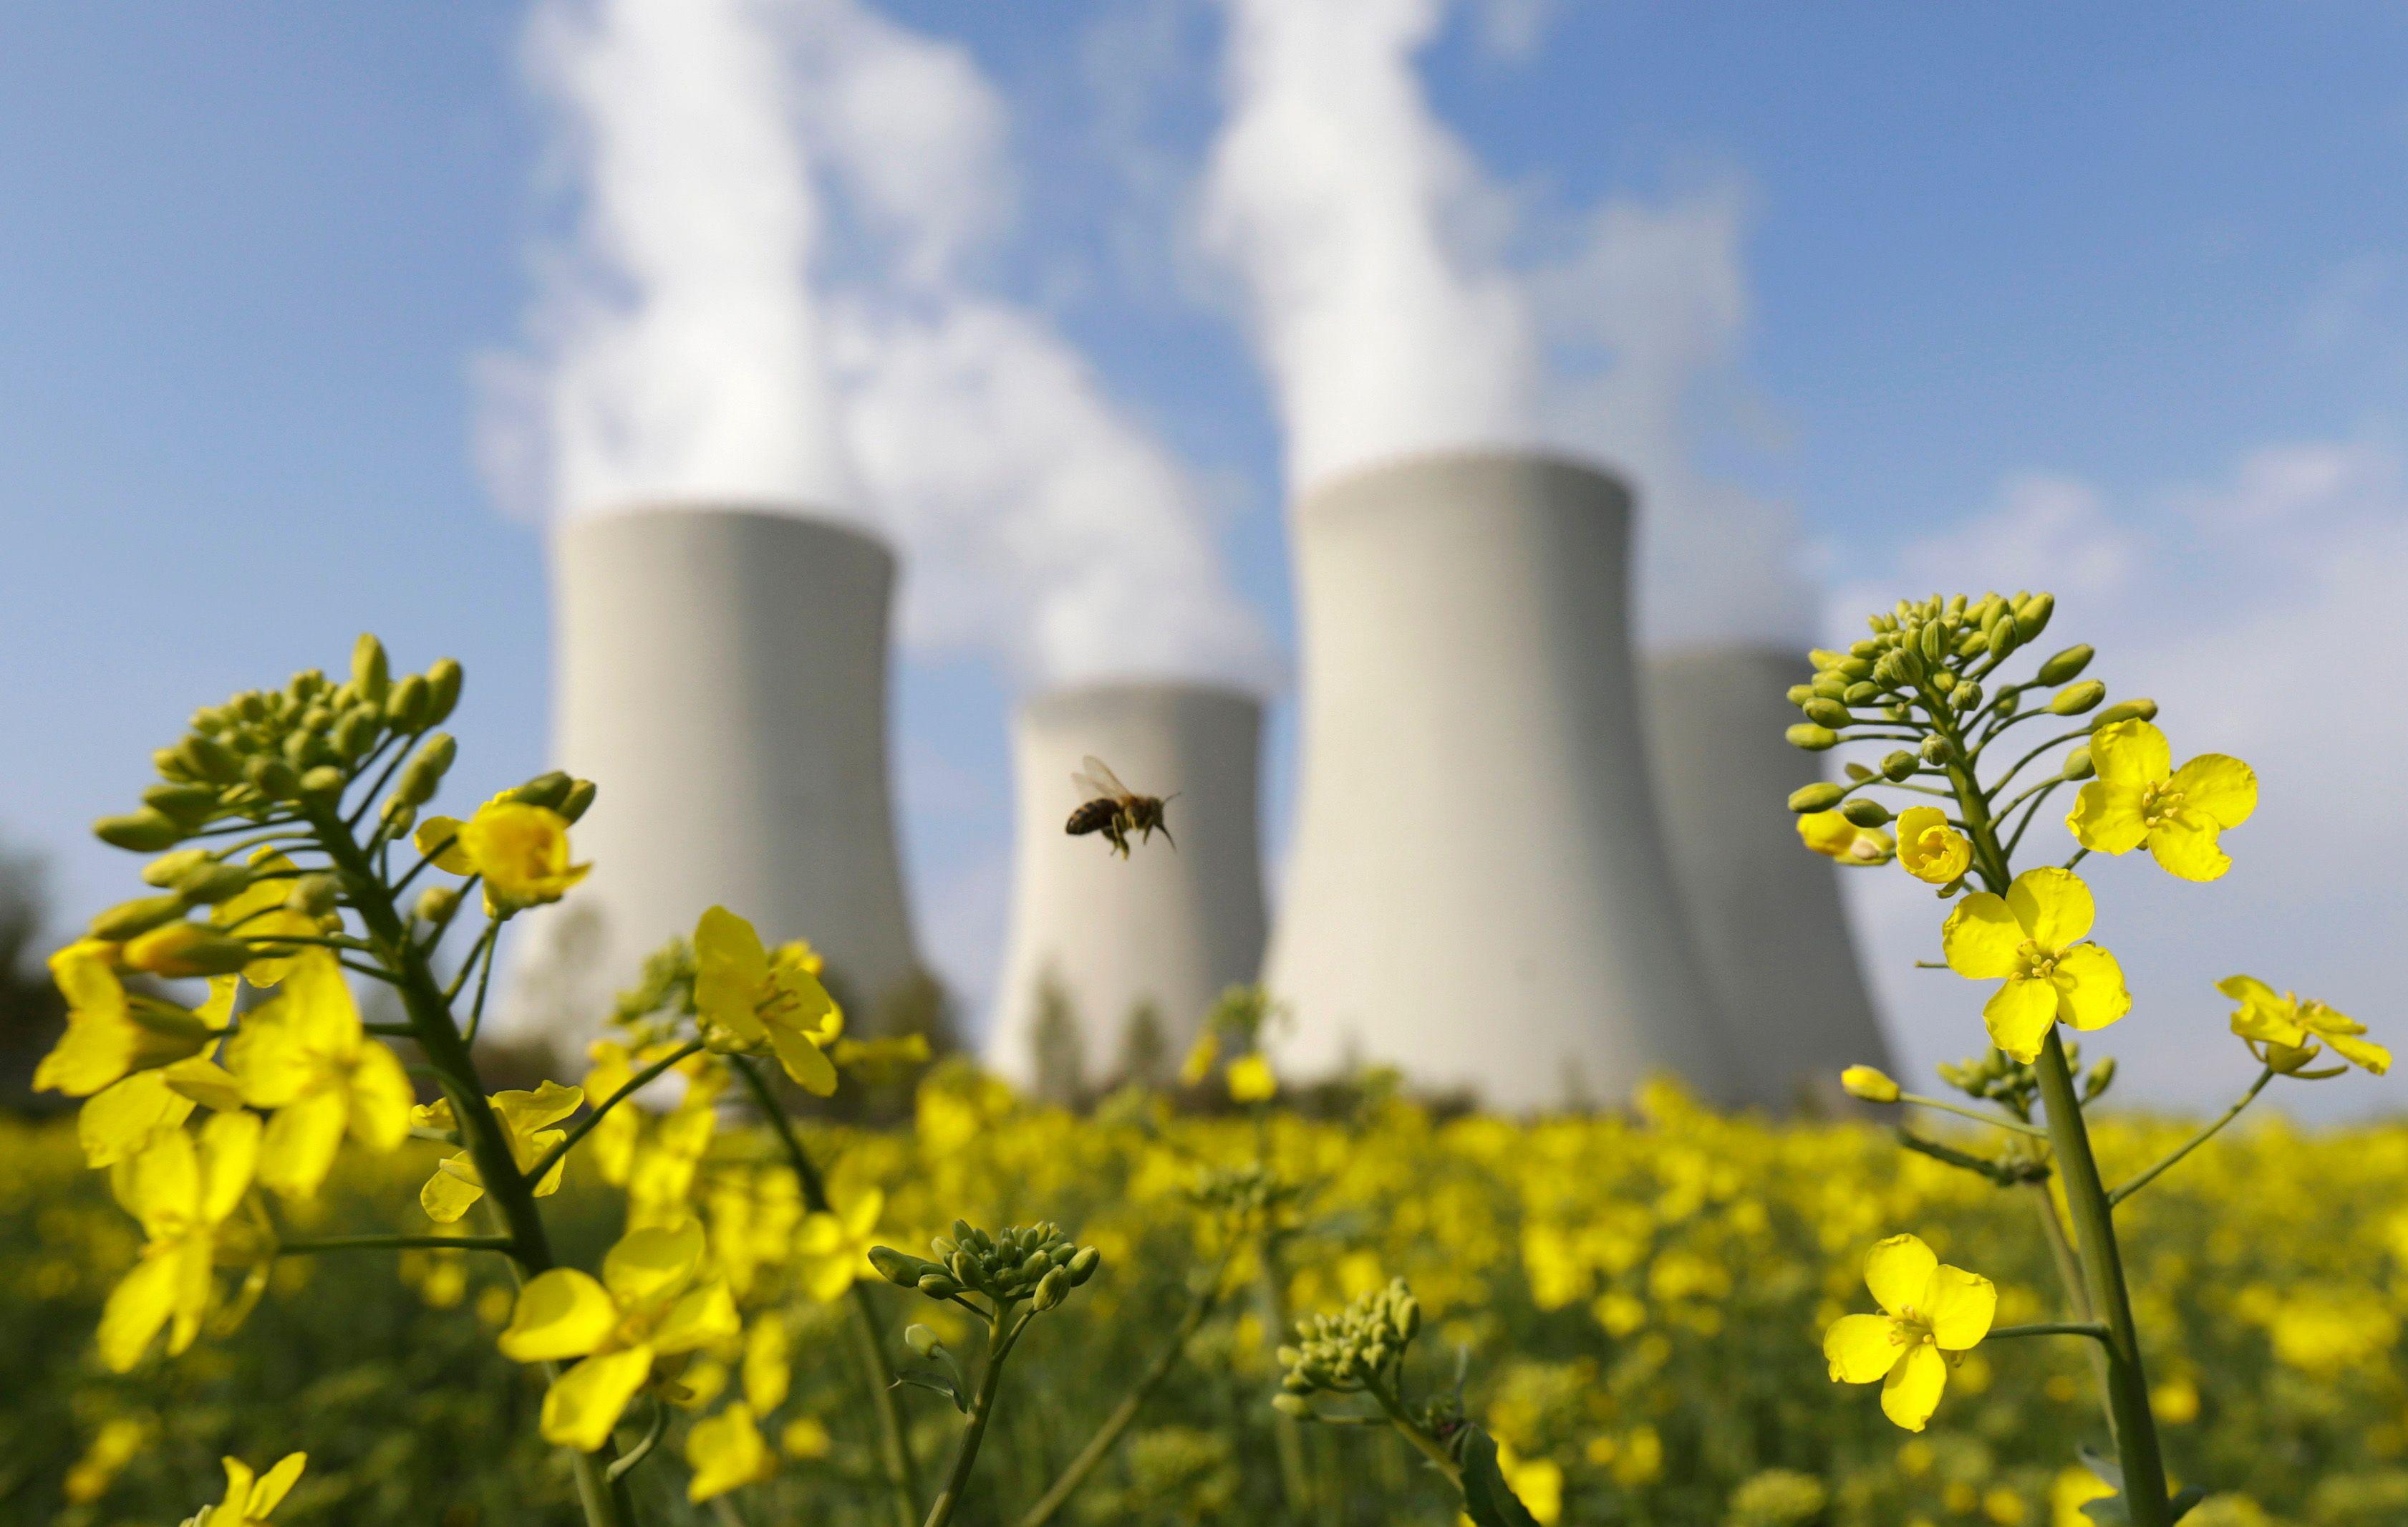 Écotaxe, diesel, carbone... Les conditions pour qu'une fiscalité environnementale marche